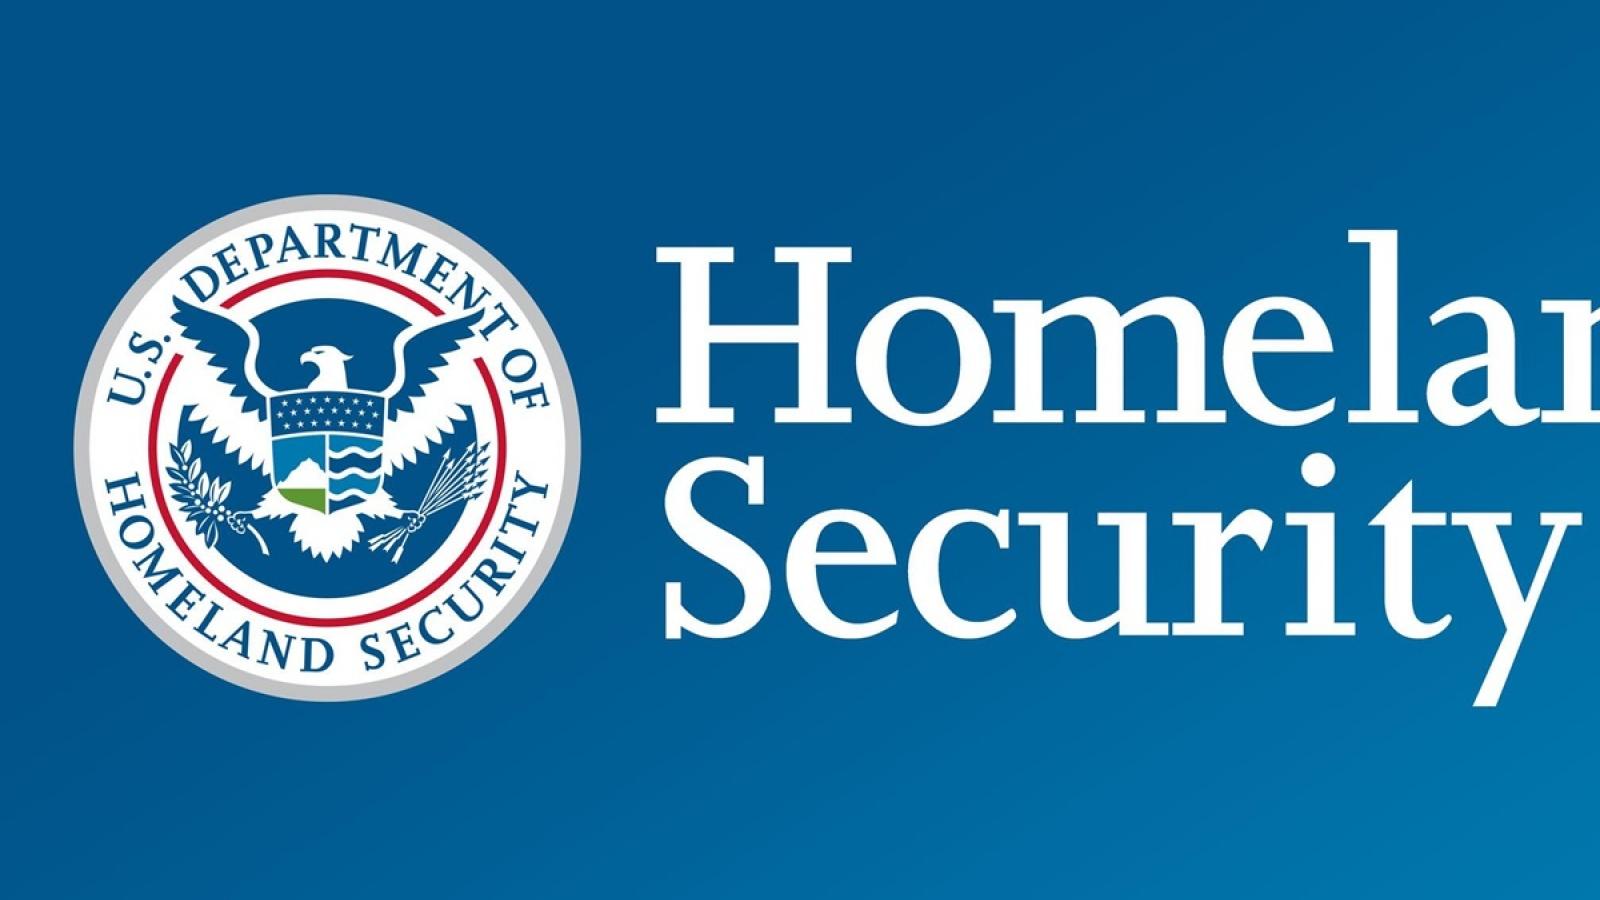 Bộ An ninh Nội địa Mỹ xóa bỏ tư tưởng cực đoan trong nội bộ